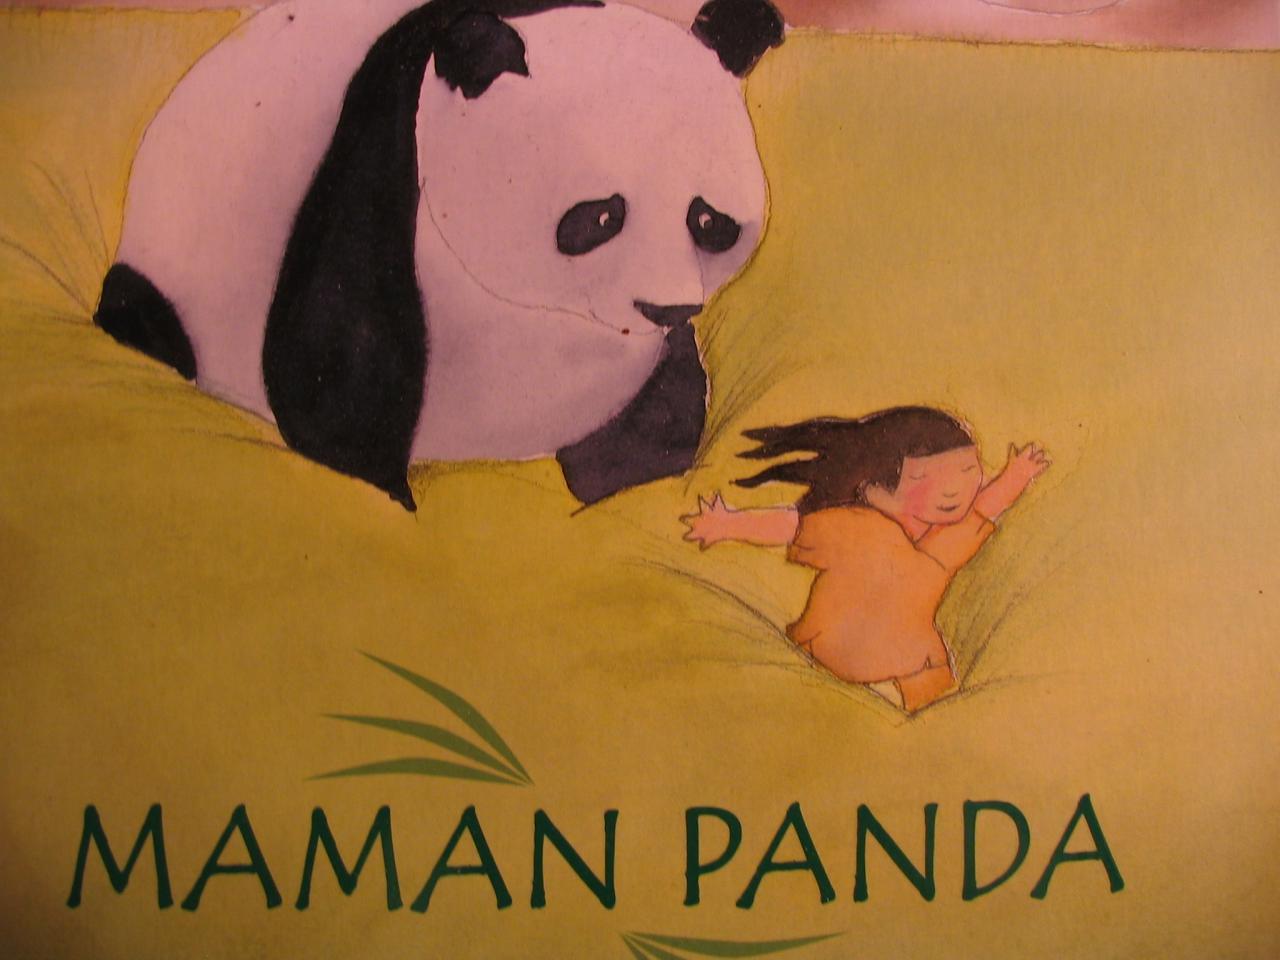 maman panda